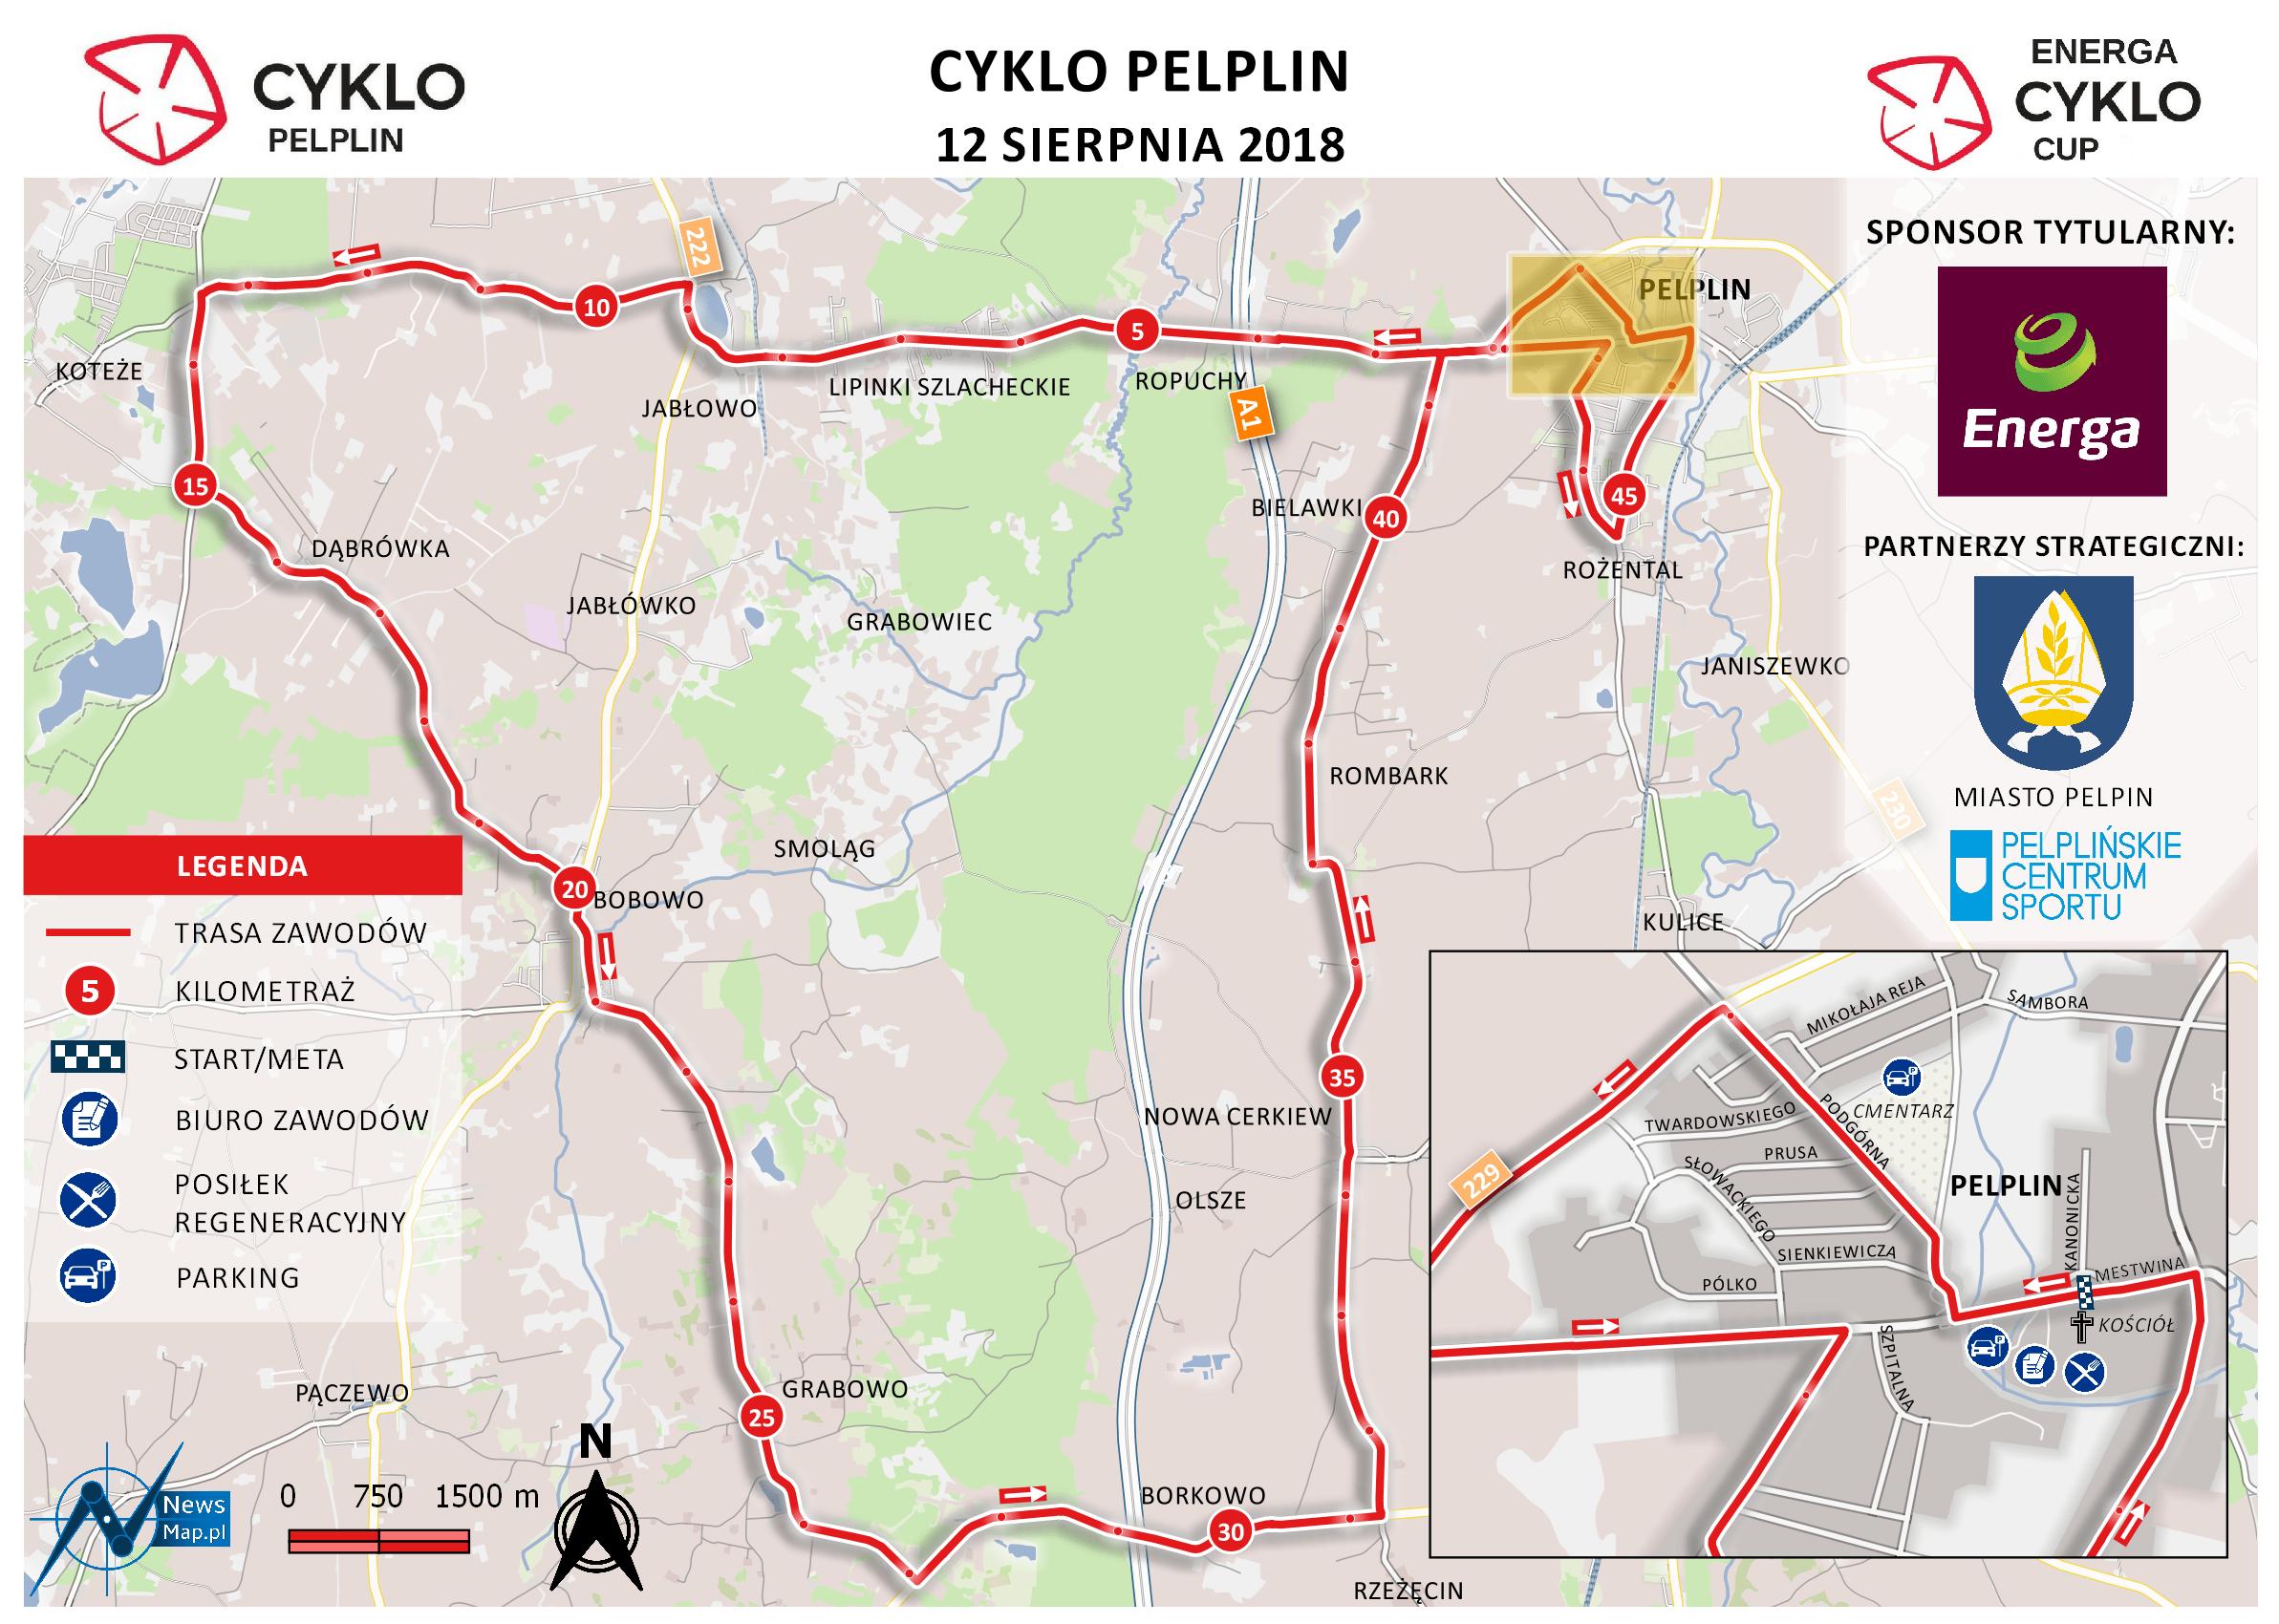 Mapa statyczna Cyklo Pelplin (on-line)